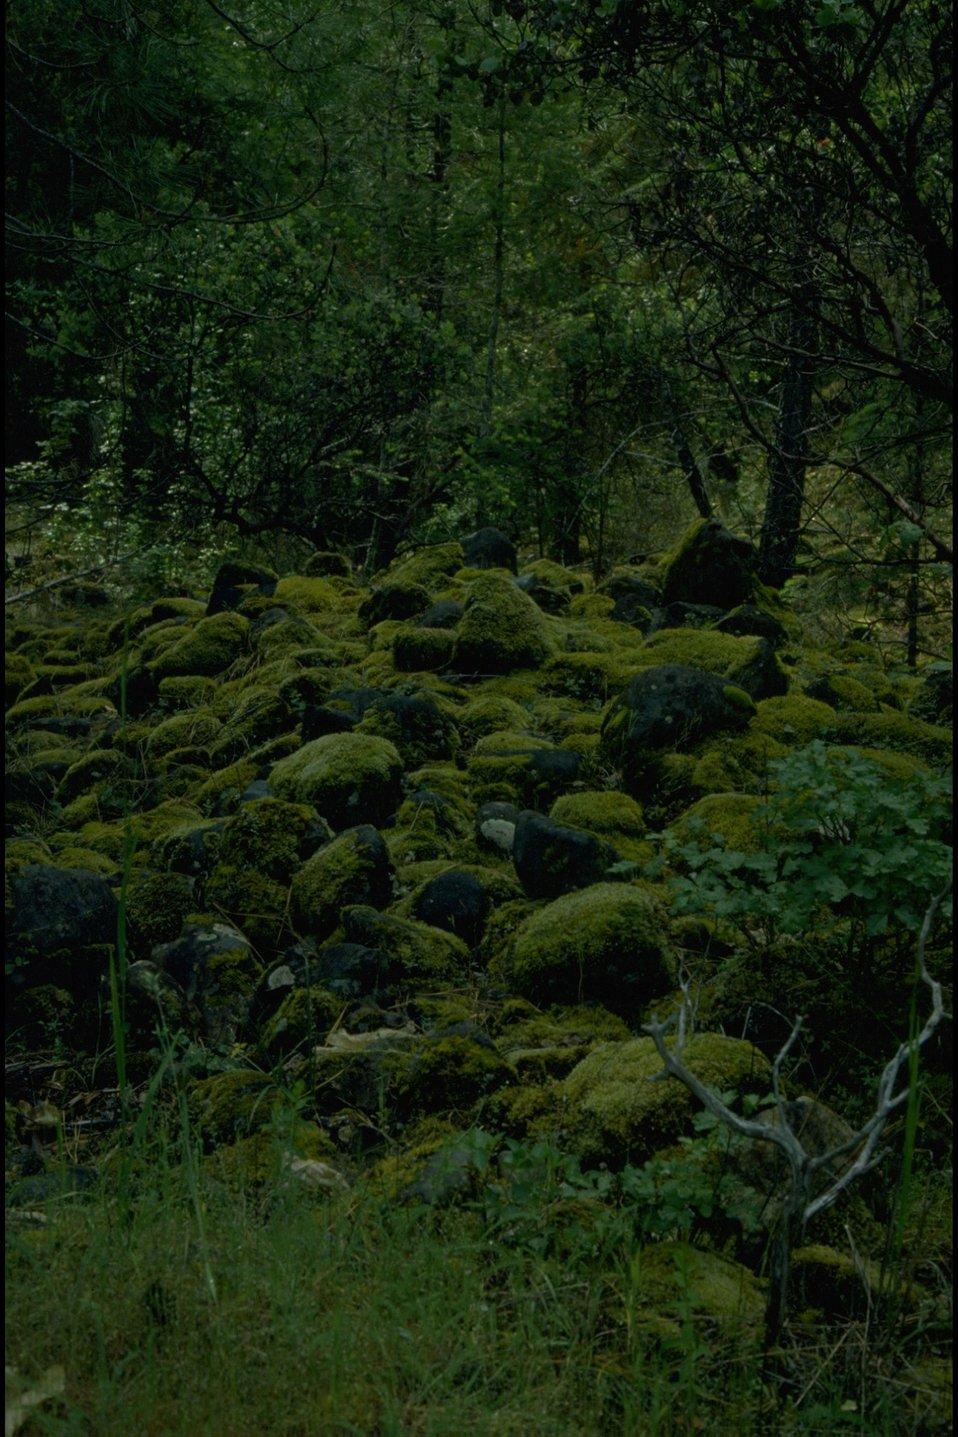 Mossy rocks in a creek bed.